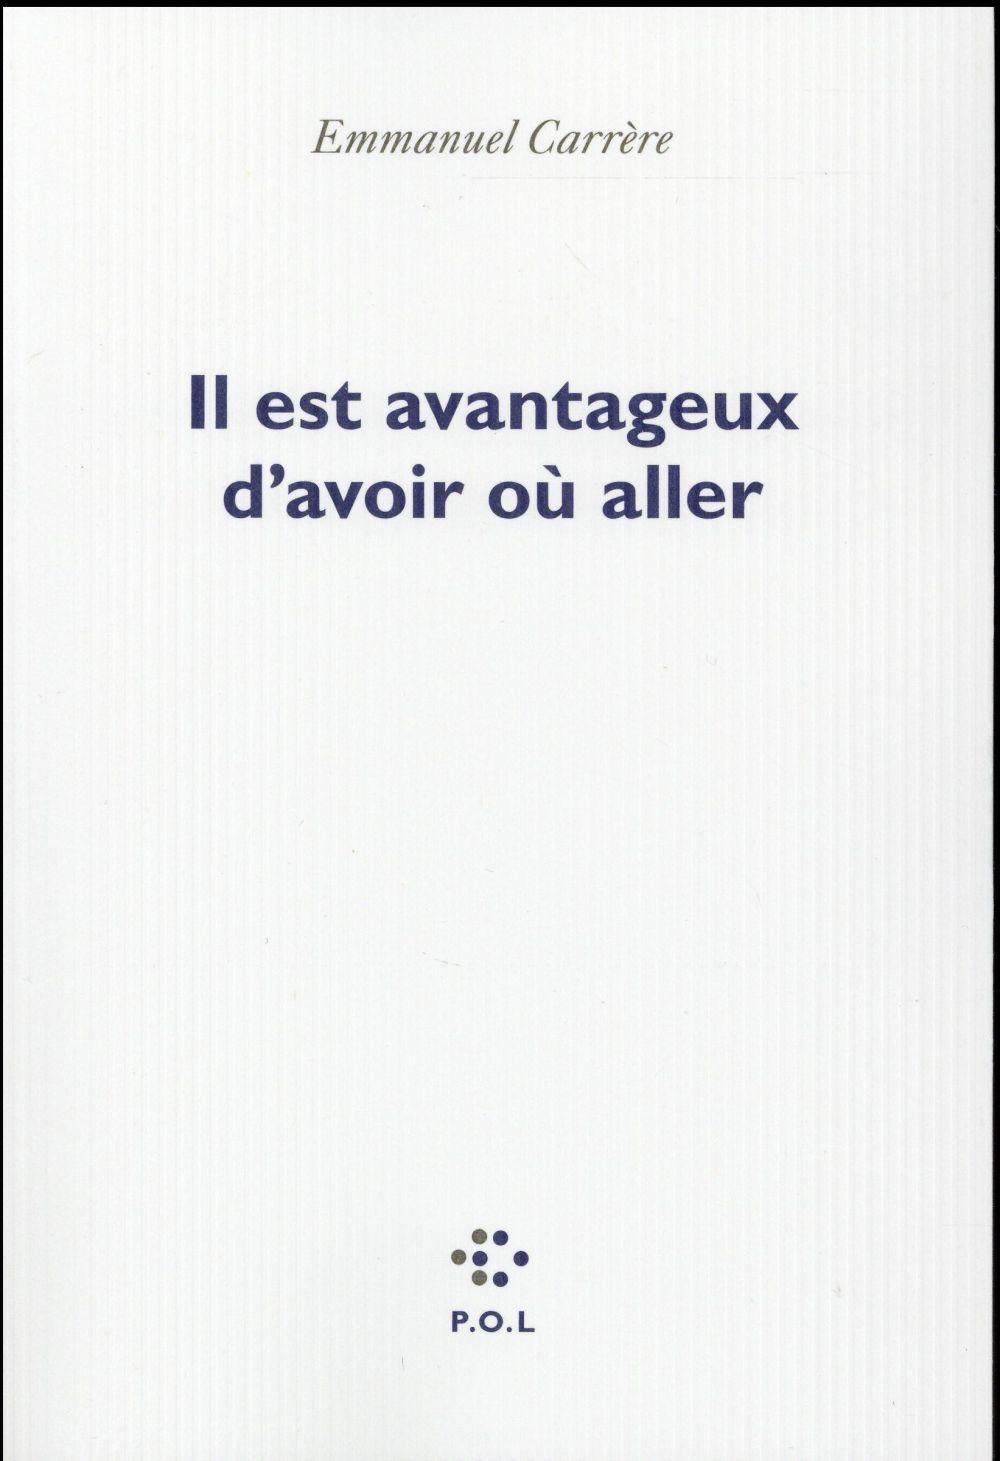 IL EST AVANTAGEUX D'AVOIR OU ALLER